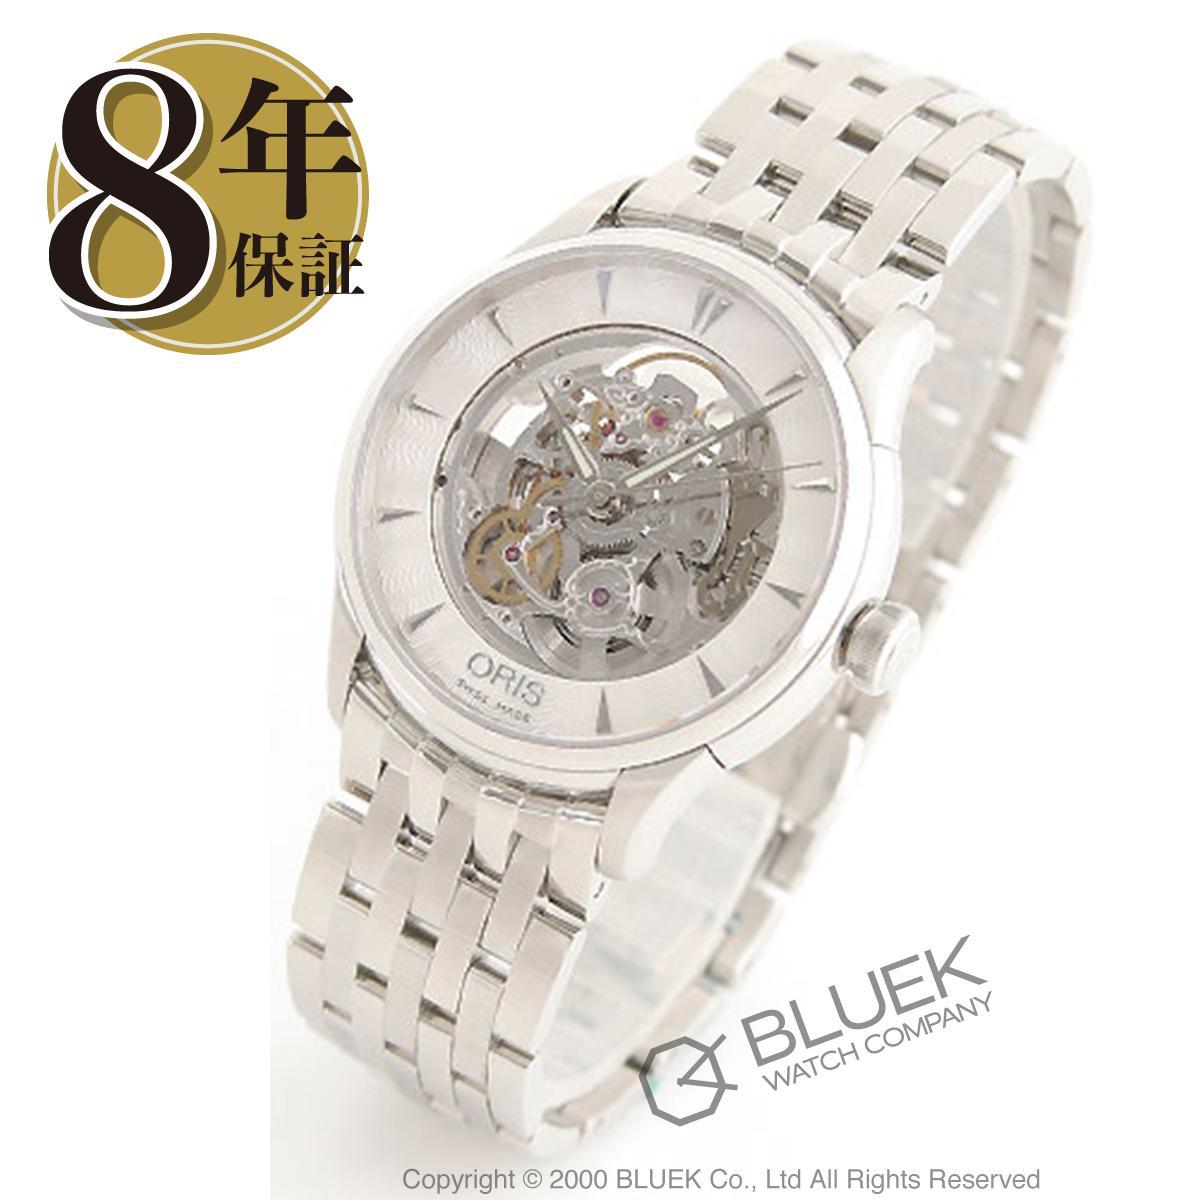 オリス アートリエ 腕時計 メンズ ORIS 734 7670 4051M_8